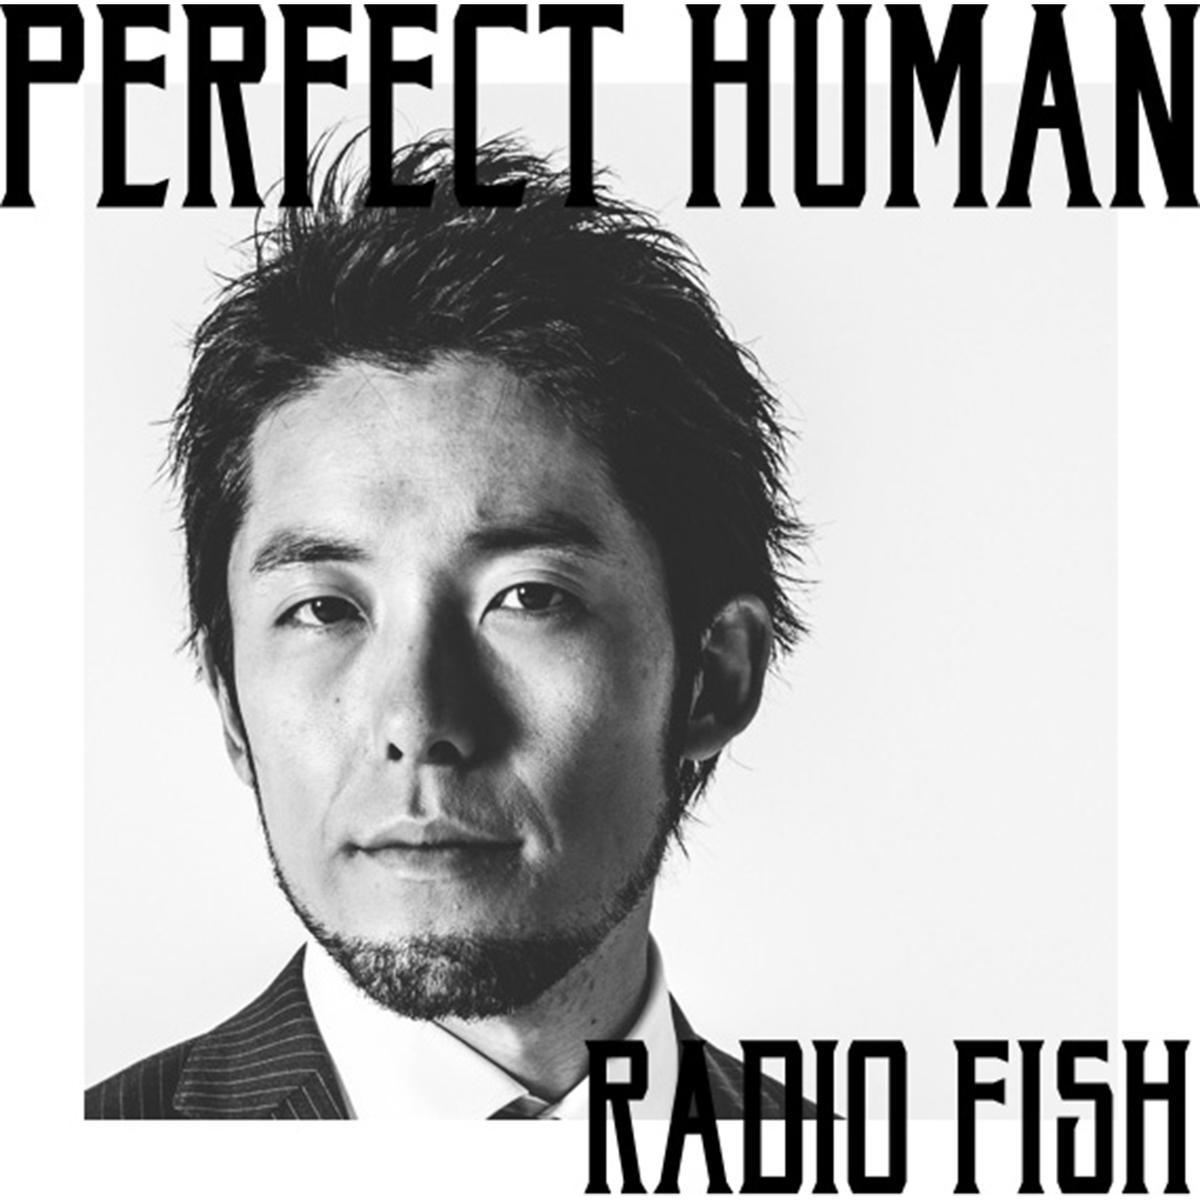 PERFECT HUMANはカンナムスタイルのパクリでは無く完コピ